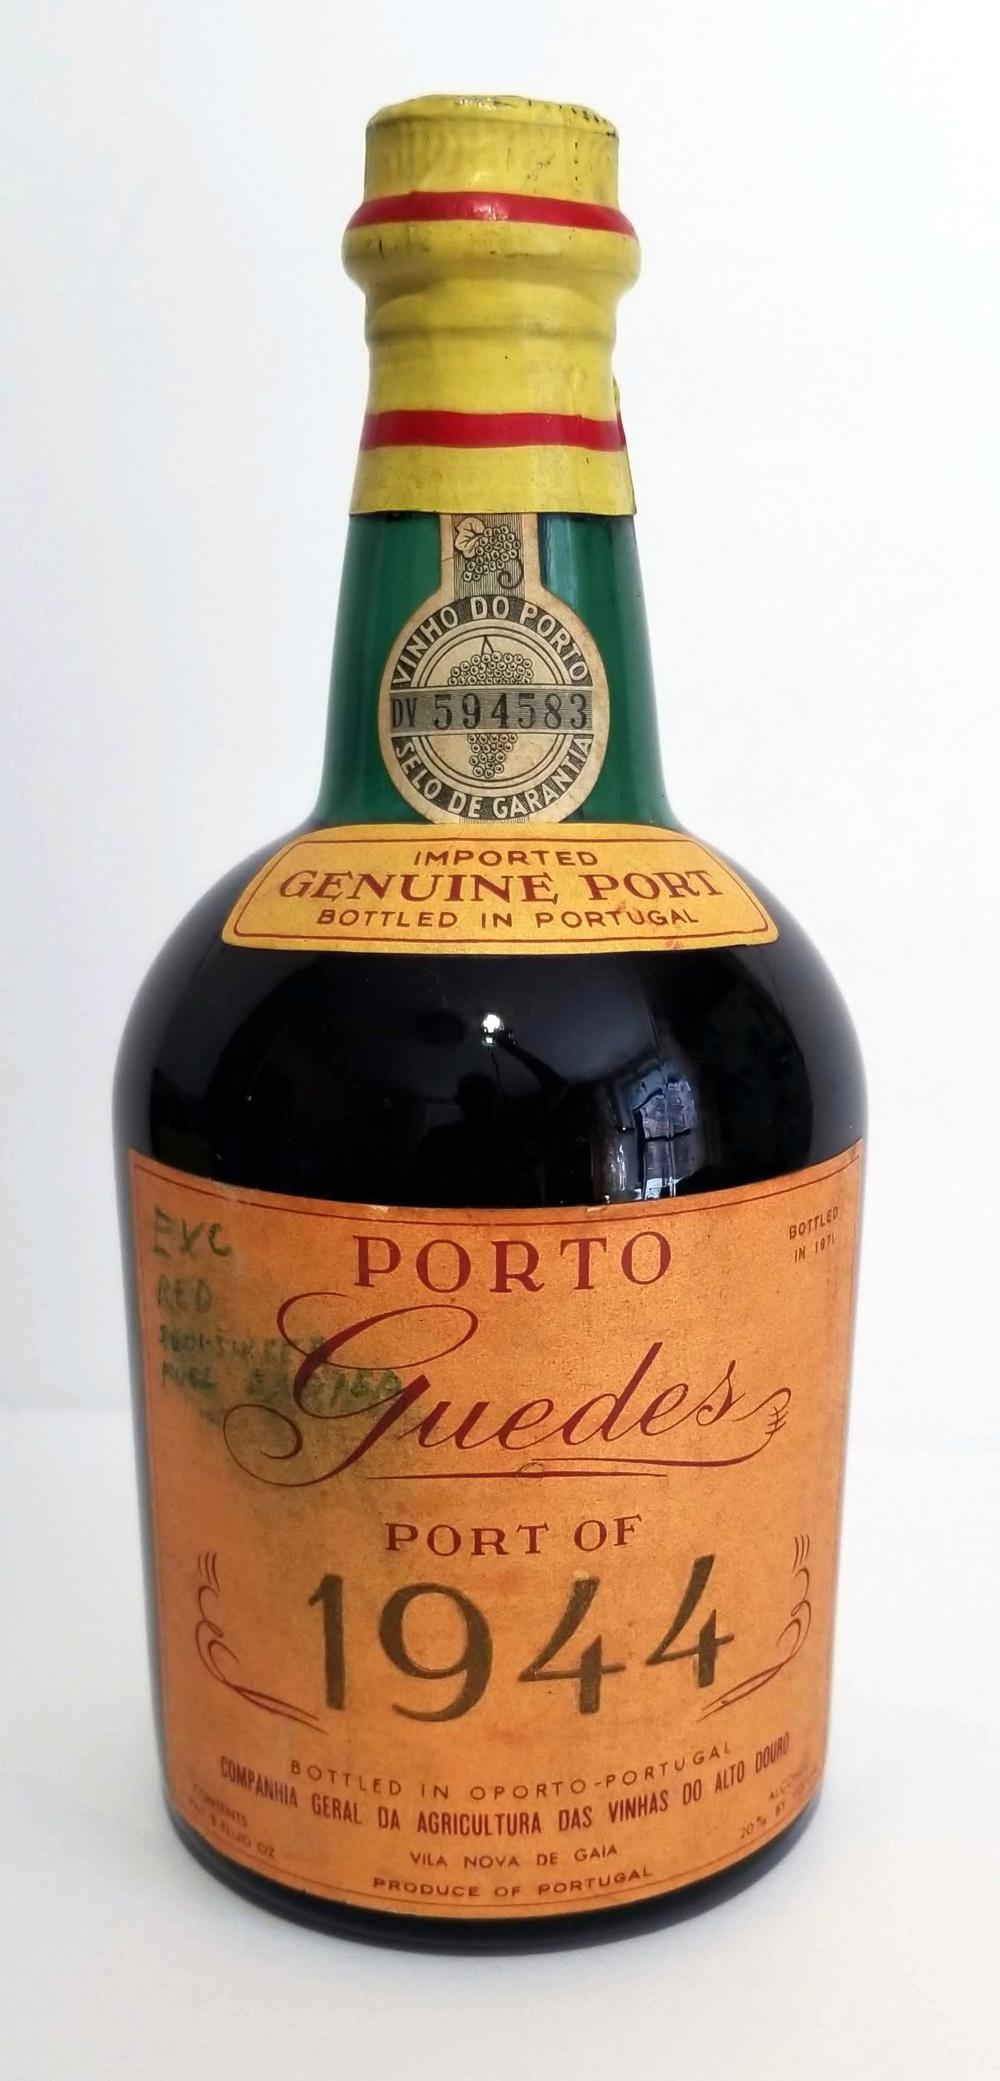 Porto Souza Guedes 75cl: Vintage 1944, Bottled 1971